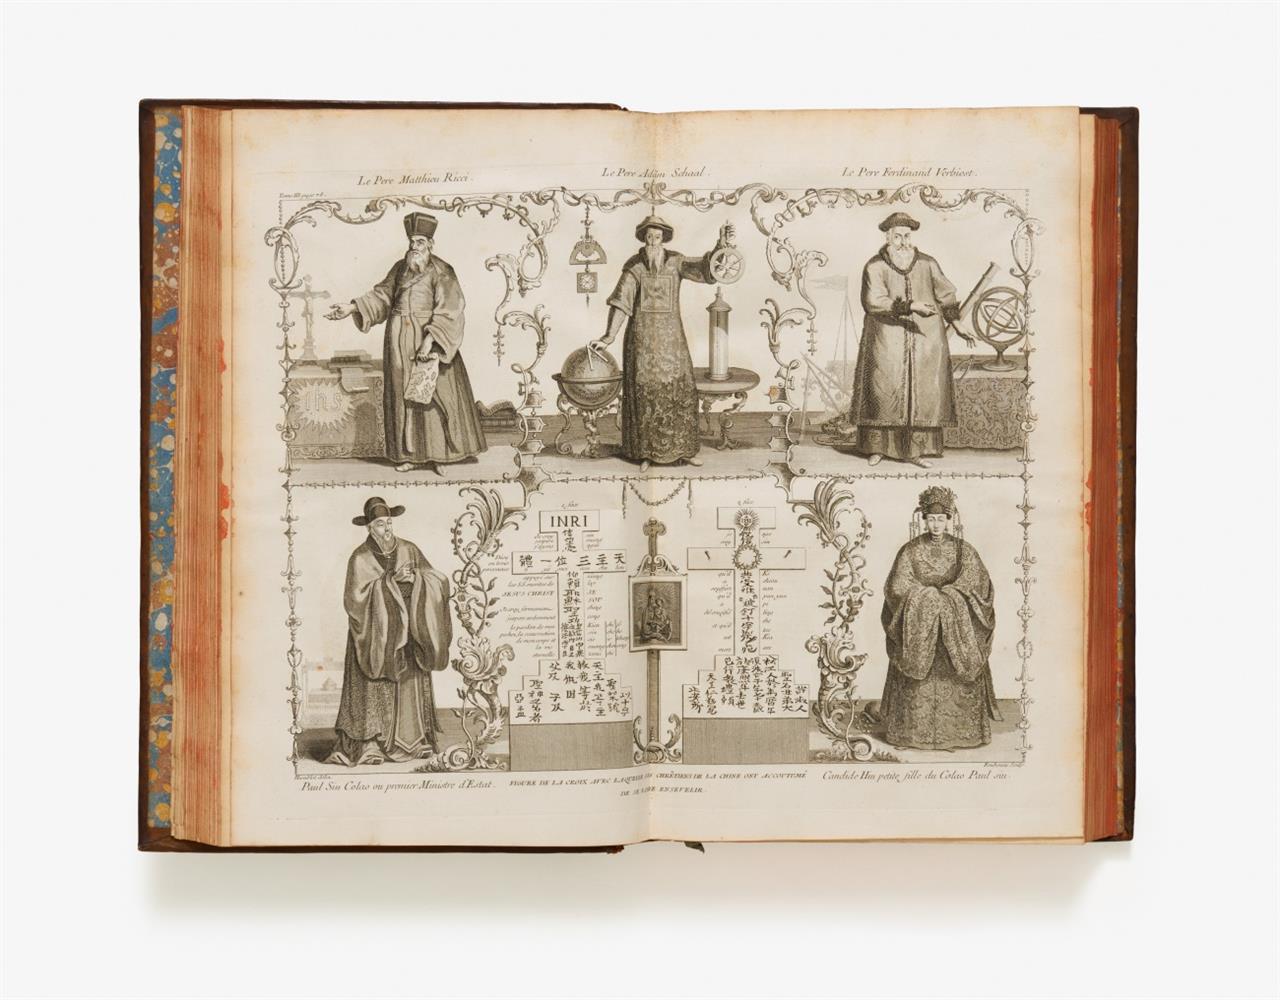 J. B. Du Halde, Description géographique … de la Chine ... 4 Bde. Paris 1735.